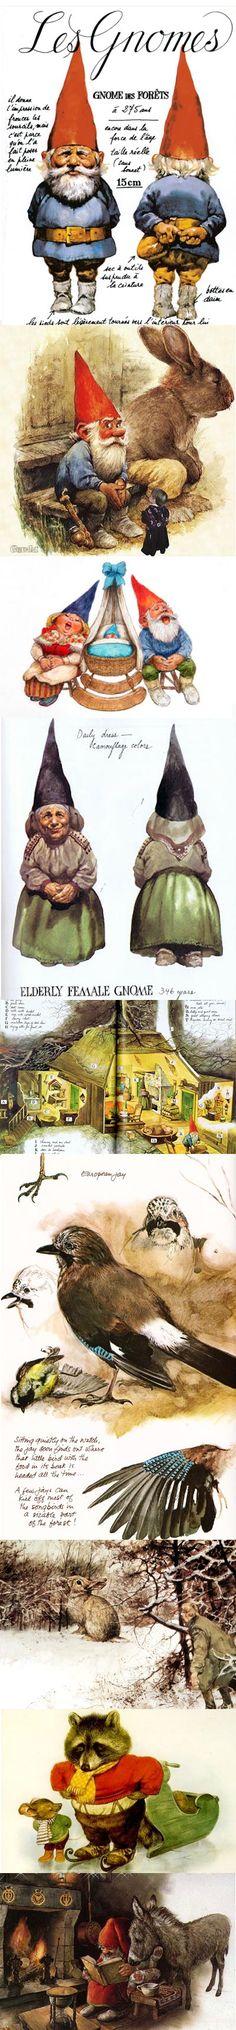 BOOK: David the Gnome _ David Gnomo - Illust: Rien Poortvliet (Livro desejado ha tantos anos! ♥ Vintage 70s Book)